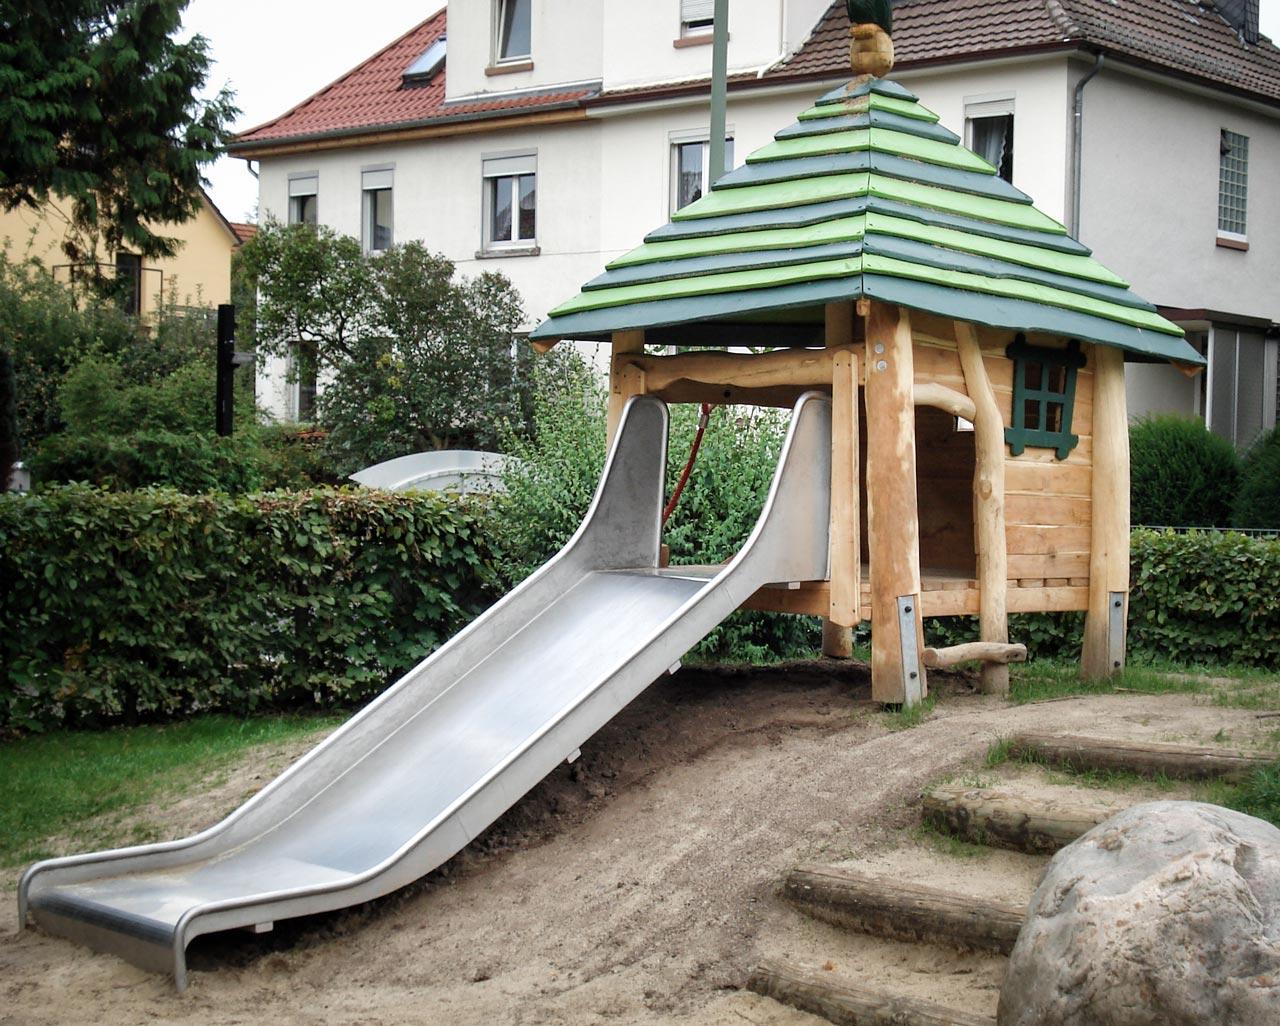 C 83 Rutschenhaus - Spielhaus mit Rutsche